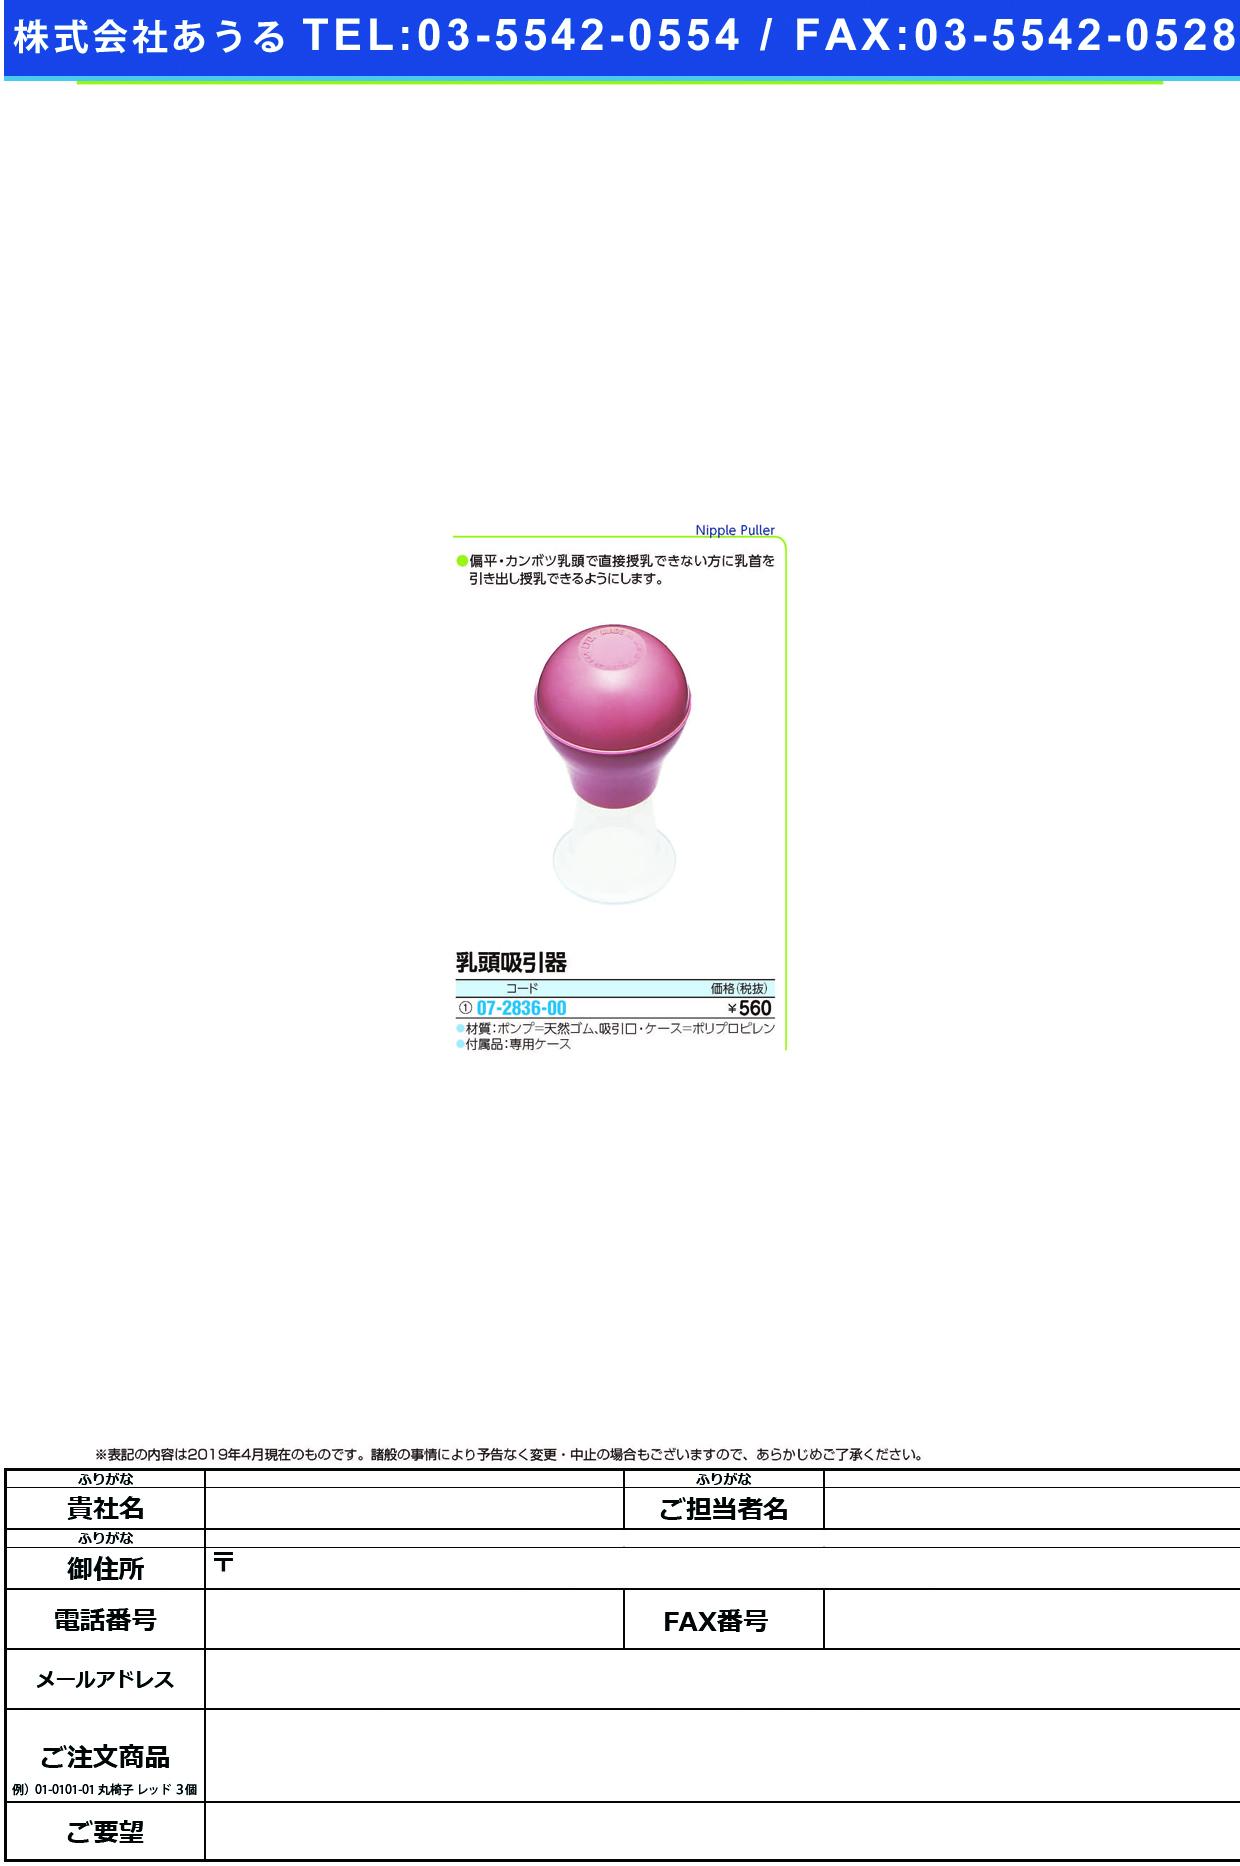 (07-2836-00)乳頭吸引器 16266 ニュウトウキュウインキ(ピジョン)【1個単位】【2019年カタログ商品】